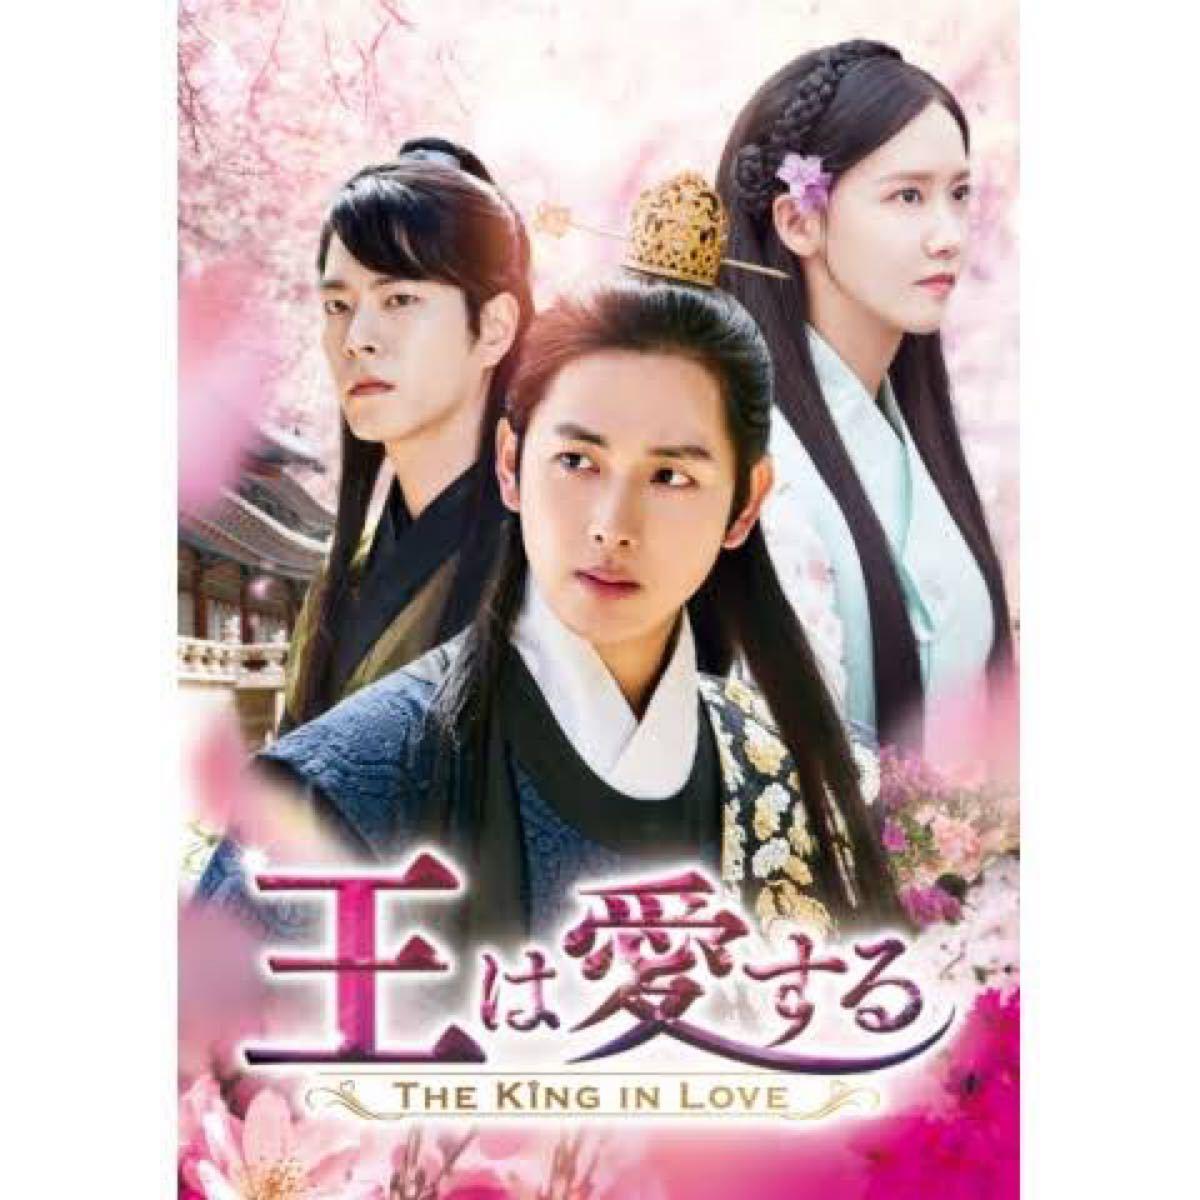 韓国ドラマ 王は愛する Blu-ray レーベル印刷なし